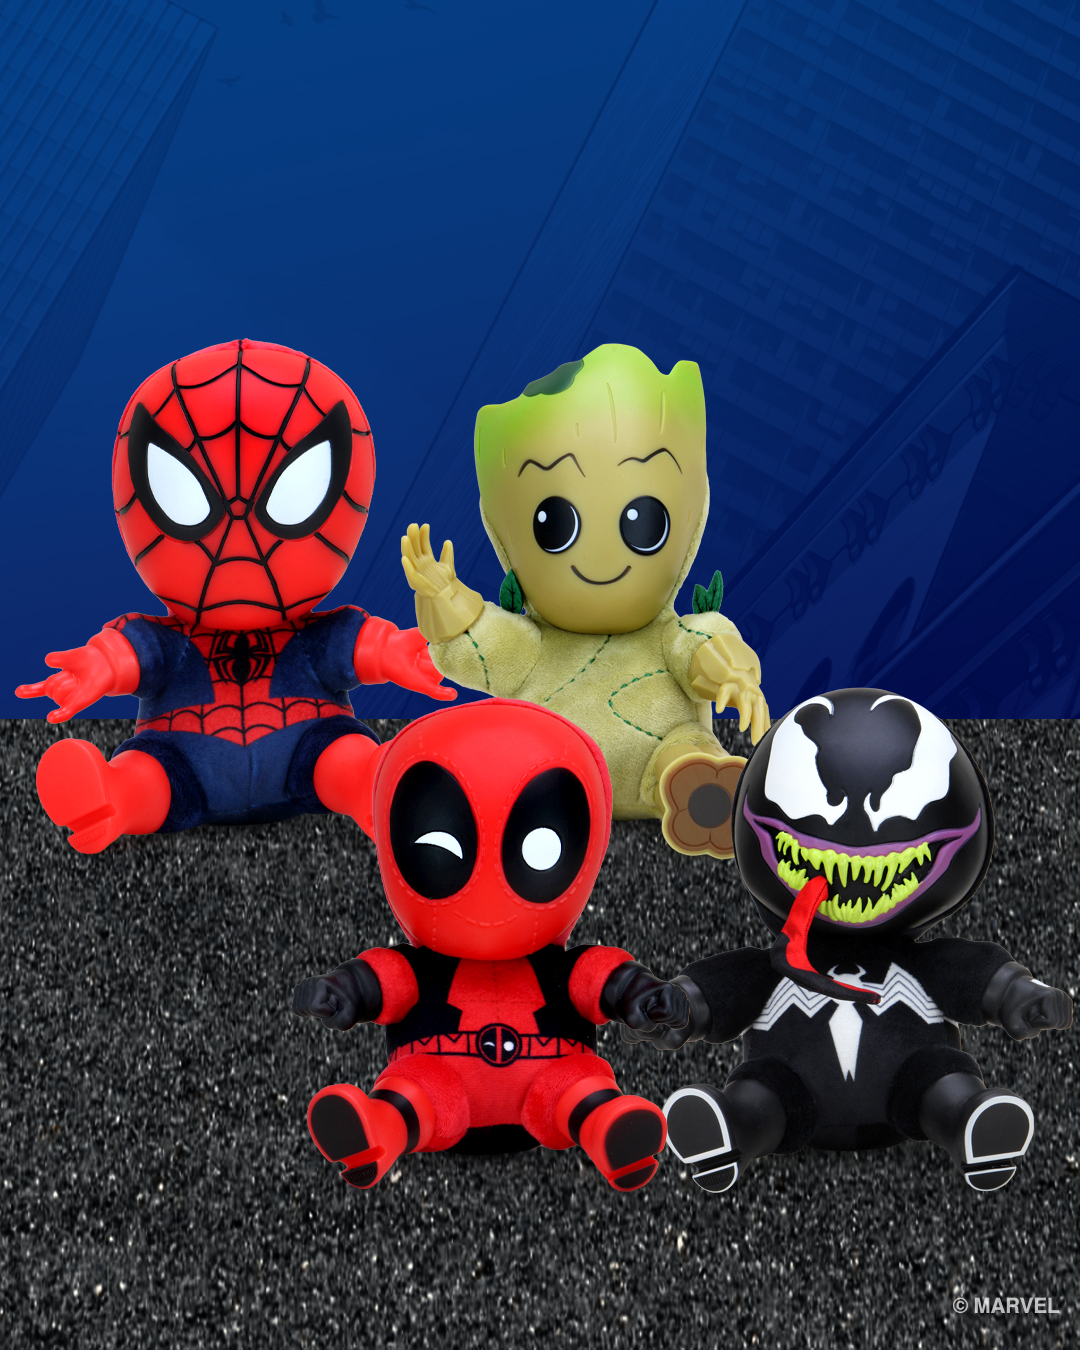 Roto-Phunny Toys by Kidrobot